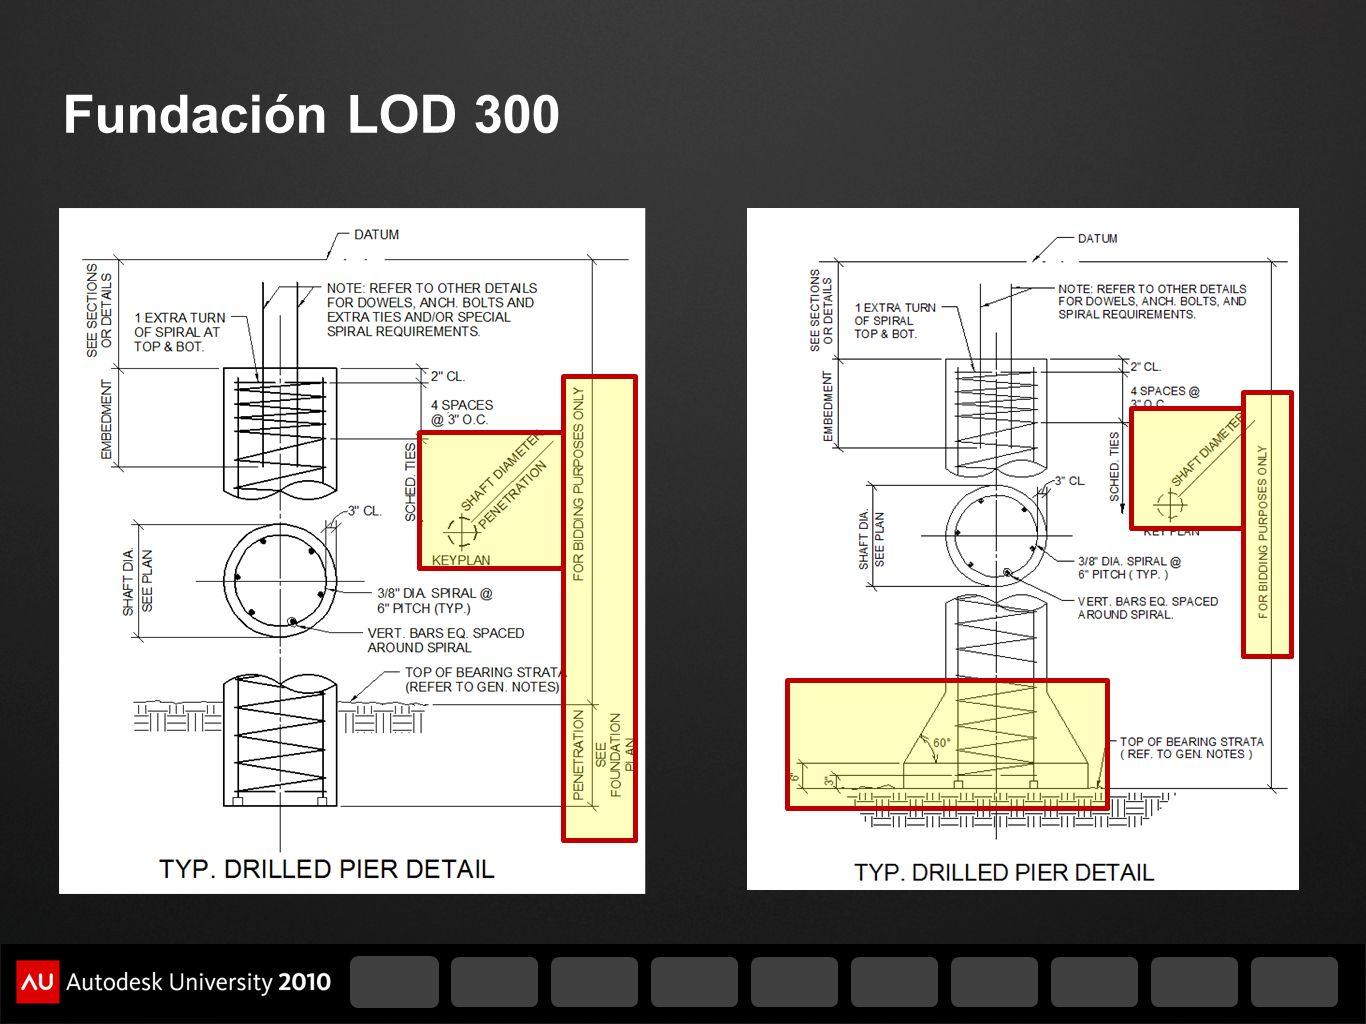 Fundación LOD 300